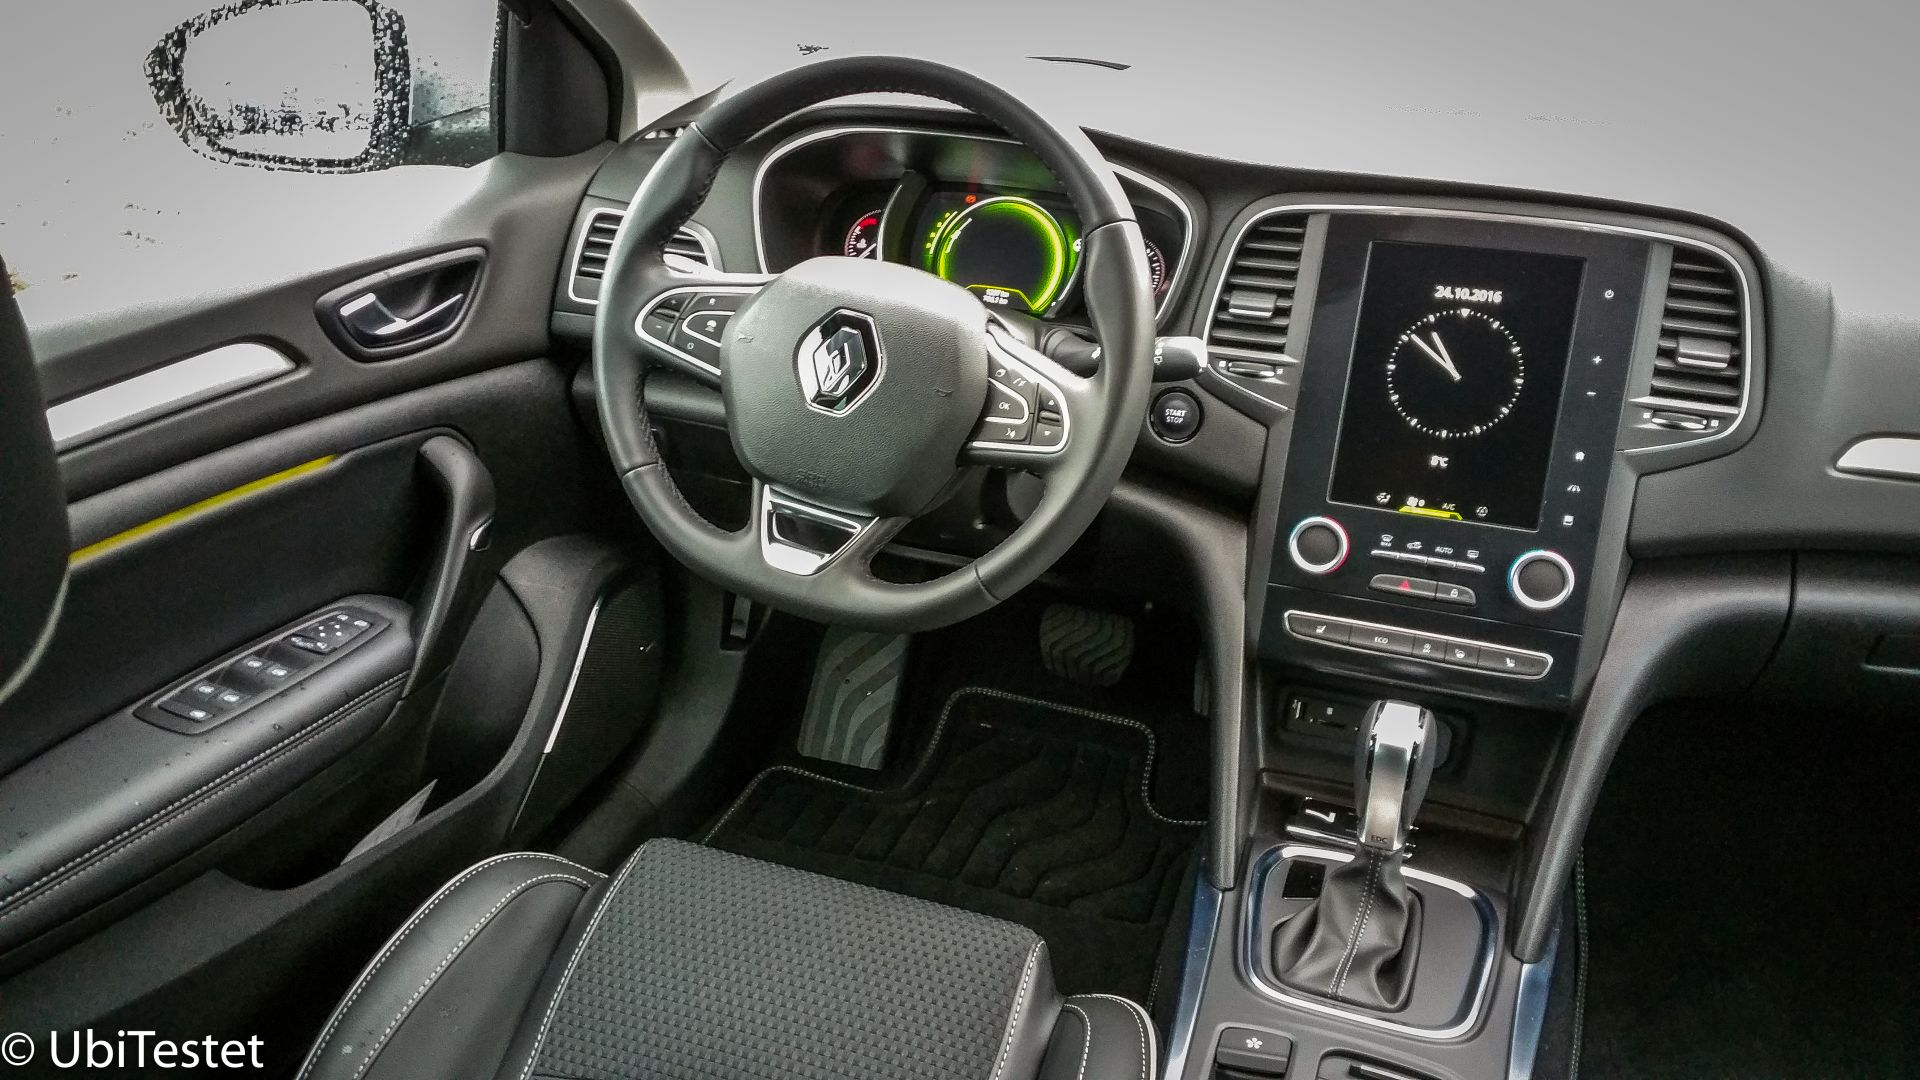 Neuer Star am Himmel der Dienstwagen - der neue Renault Megane Grandtour